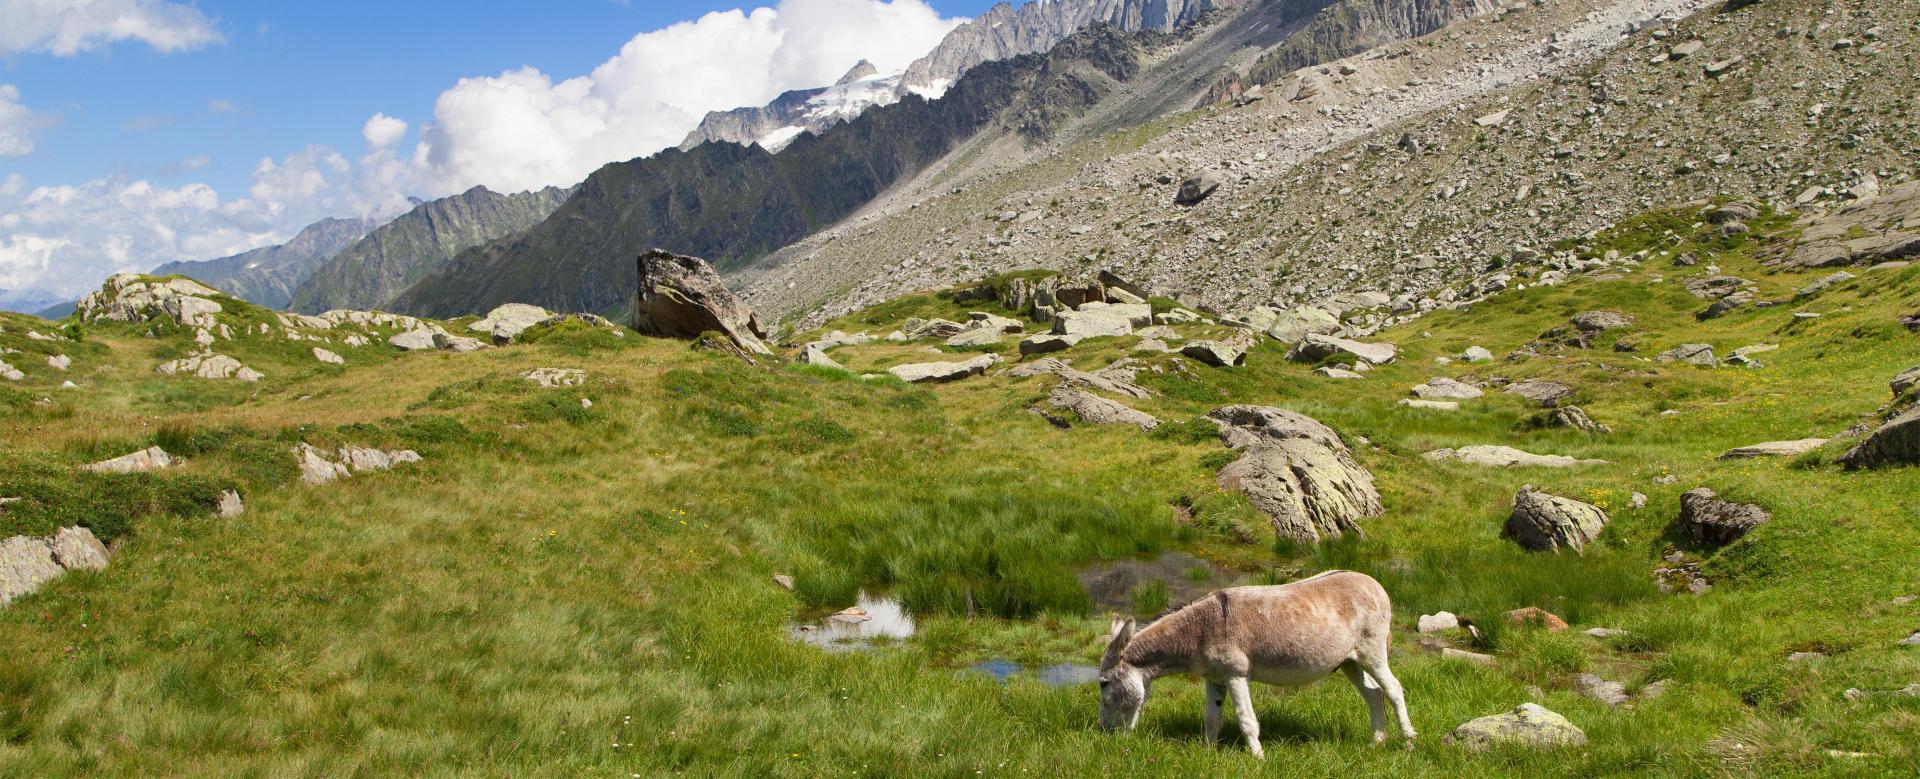 Voyage à pied France : Hi-han au mont-blanc : première étape